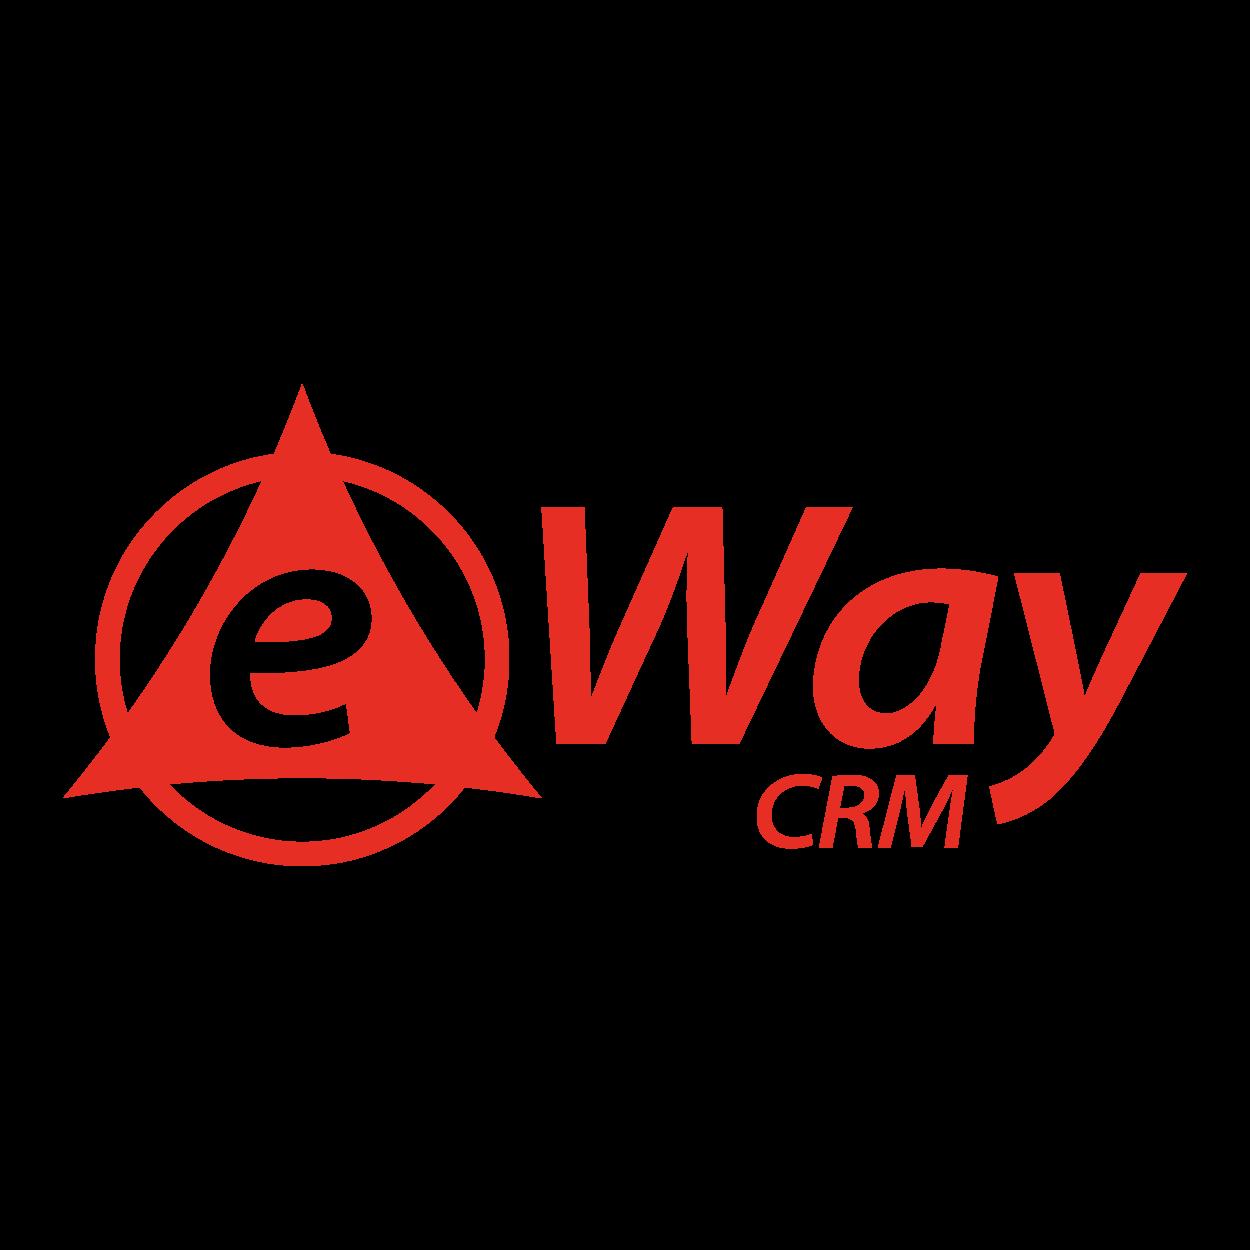 Logotipo do eWay-CRM